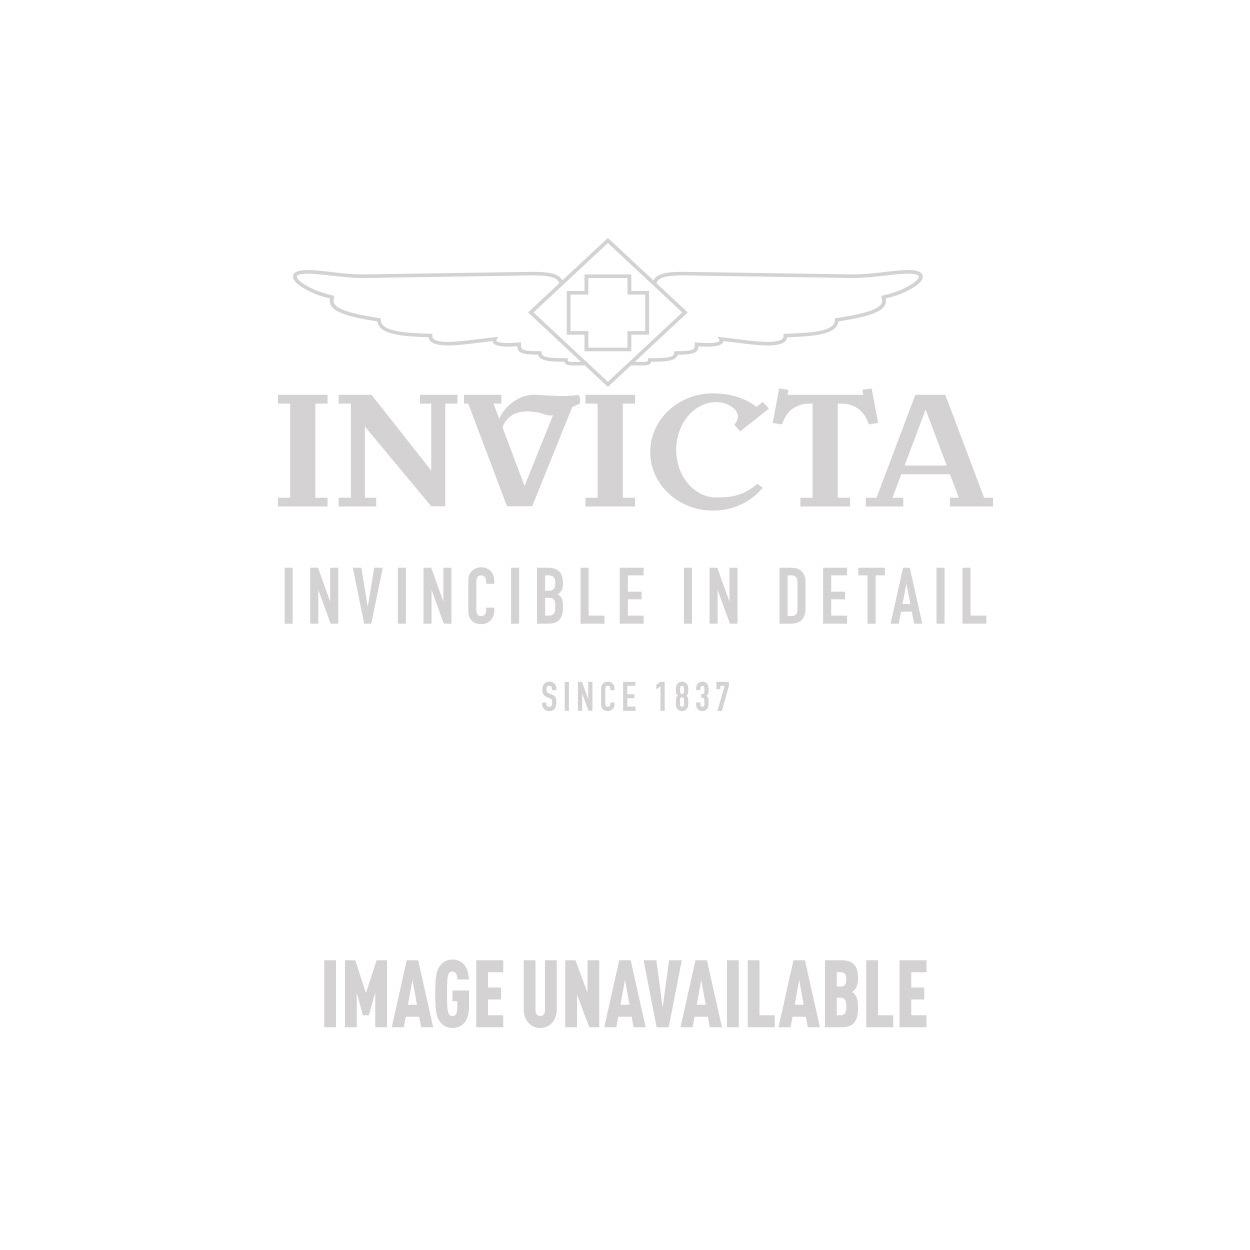 Invicta Model 27596